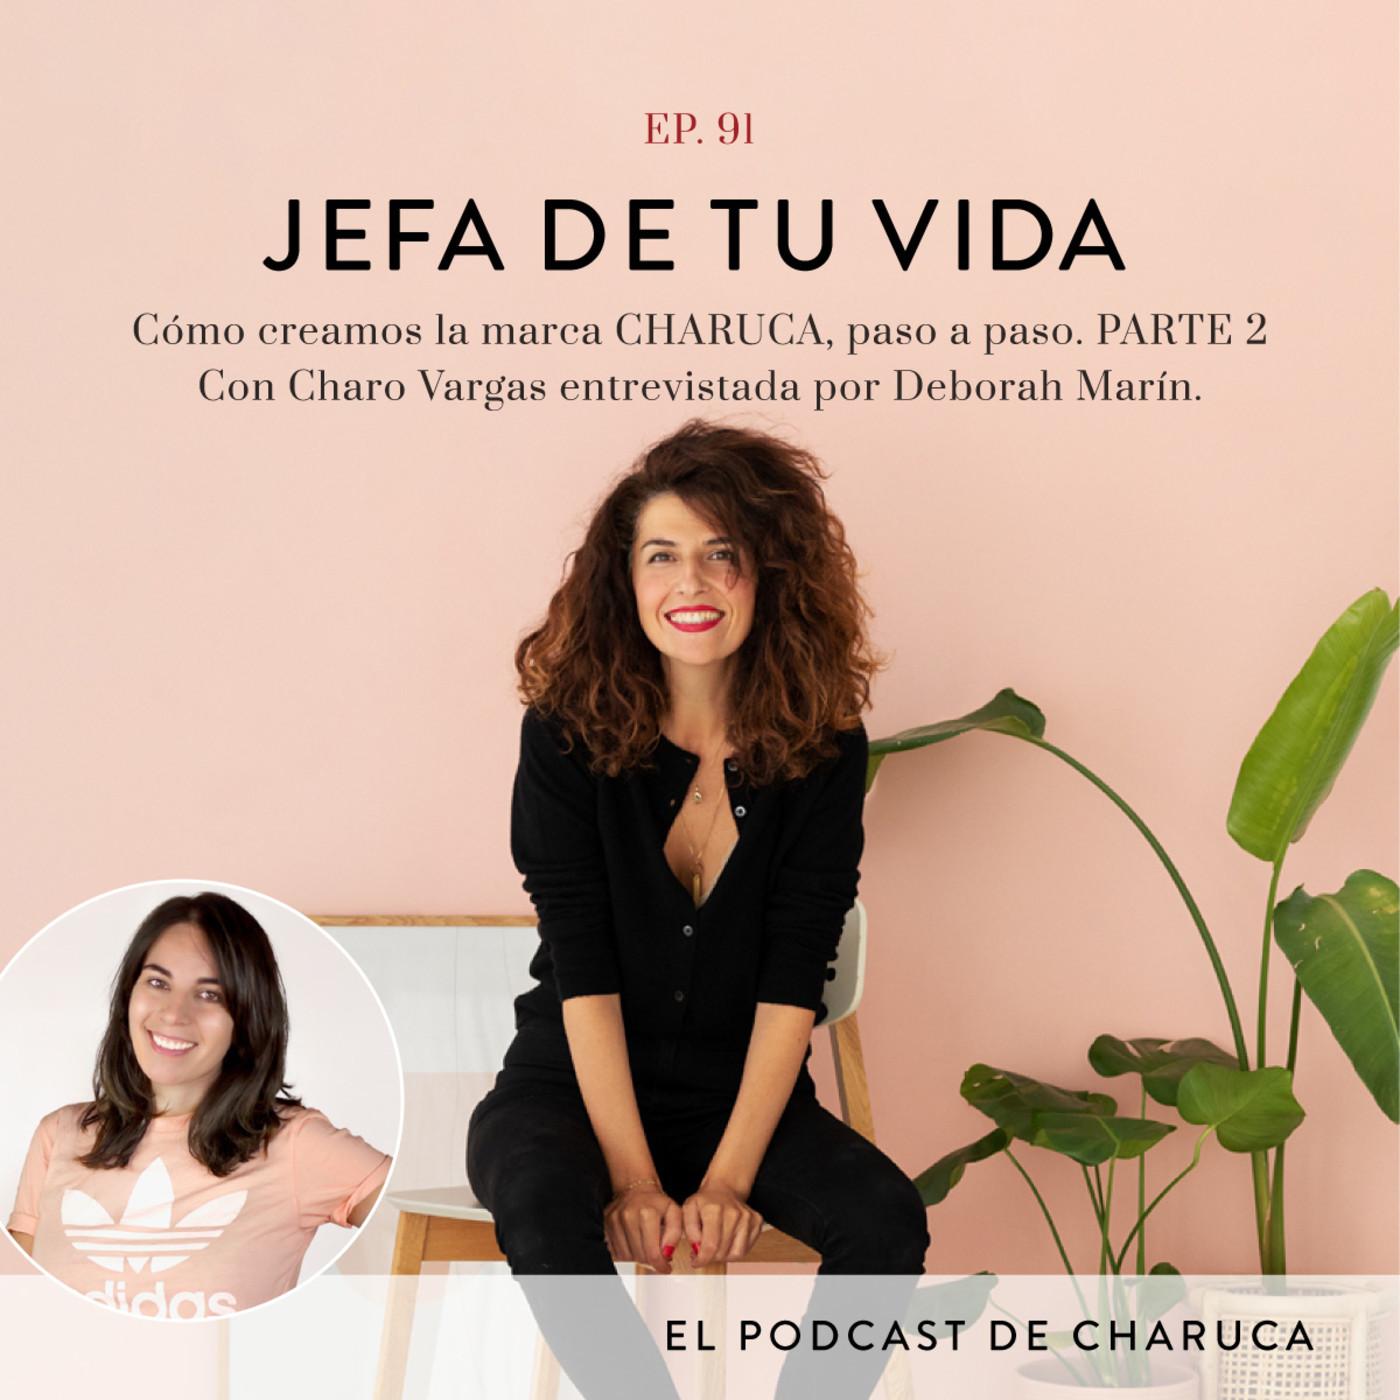 91. Cómo creamos la marca CHARUCA, paso a paso. PARTE 2. Con Charo Vargas entrevistada por Deborah Marín.